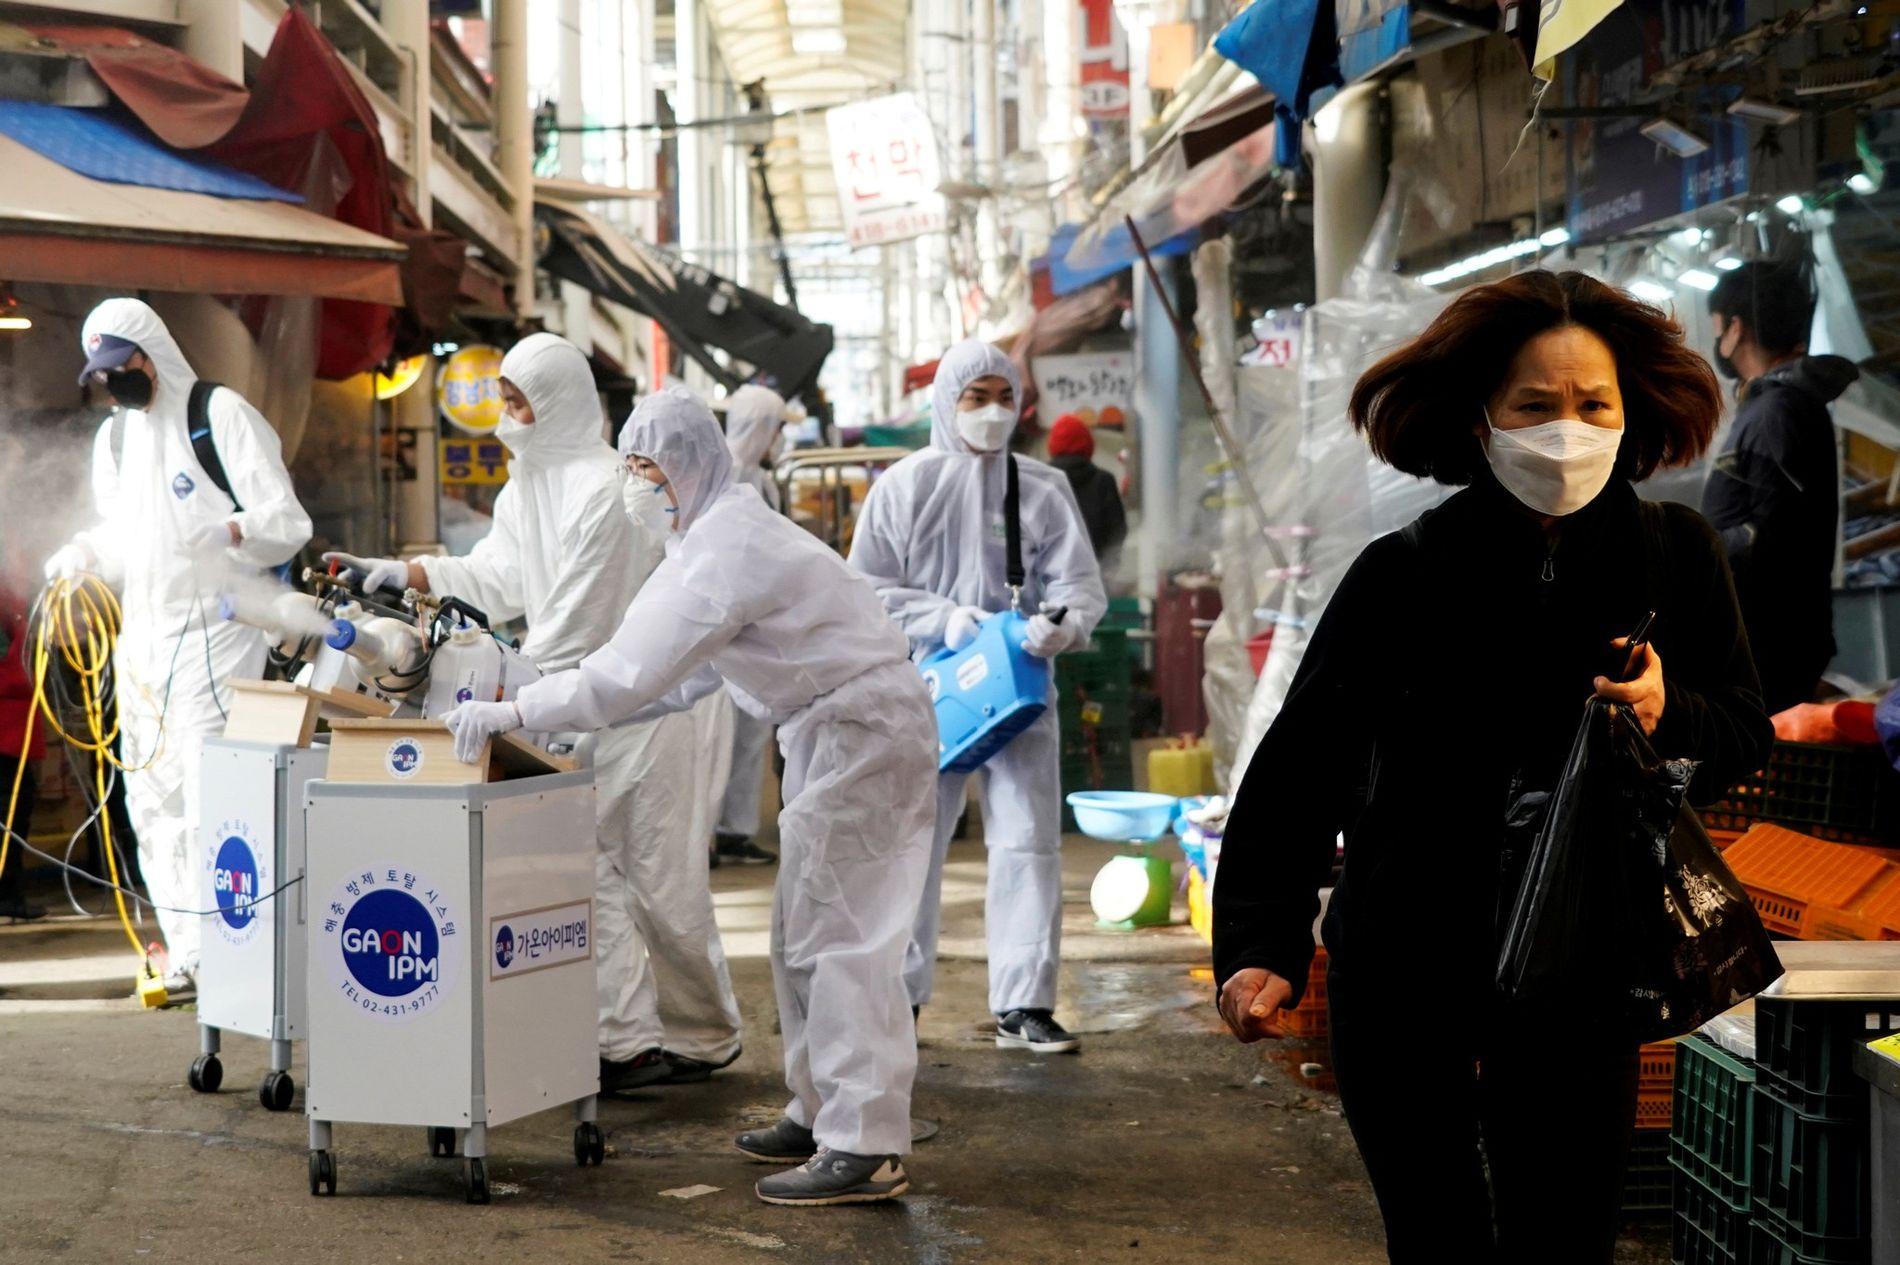 Mulher com máscara para evitar contrair o coronavírus se afasta enquanto funcionários de uma empresa de ...